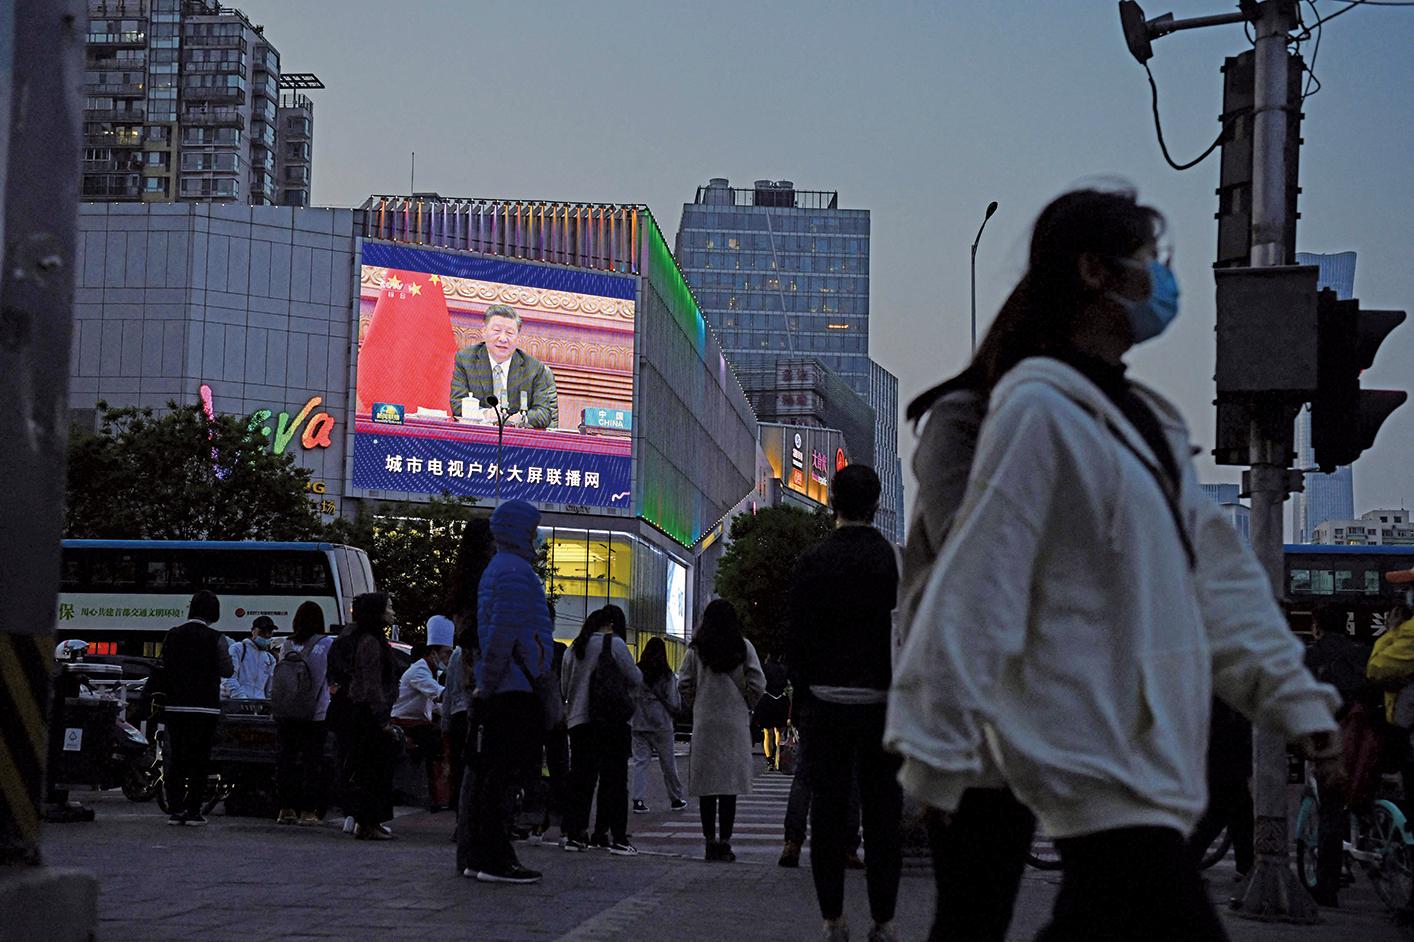 4月23日,北京街頭的一個大屏幕正在播放習近平在氣候峰會上視頻講話的新聞。習近平仍然稱發達國家應該「為發展中國家提供資金、技術、能力建設等方面支持」。(Greg Baker/AFP via Getty Images)